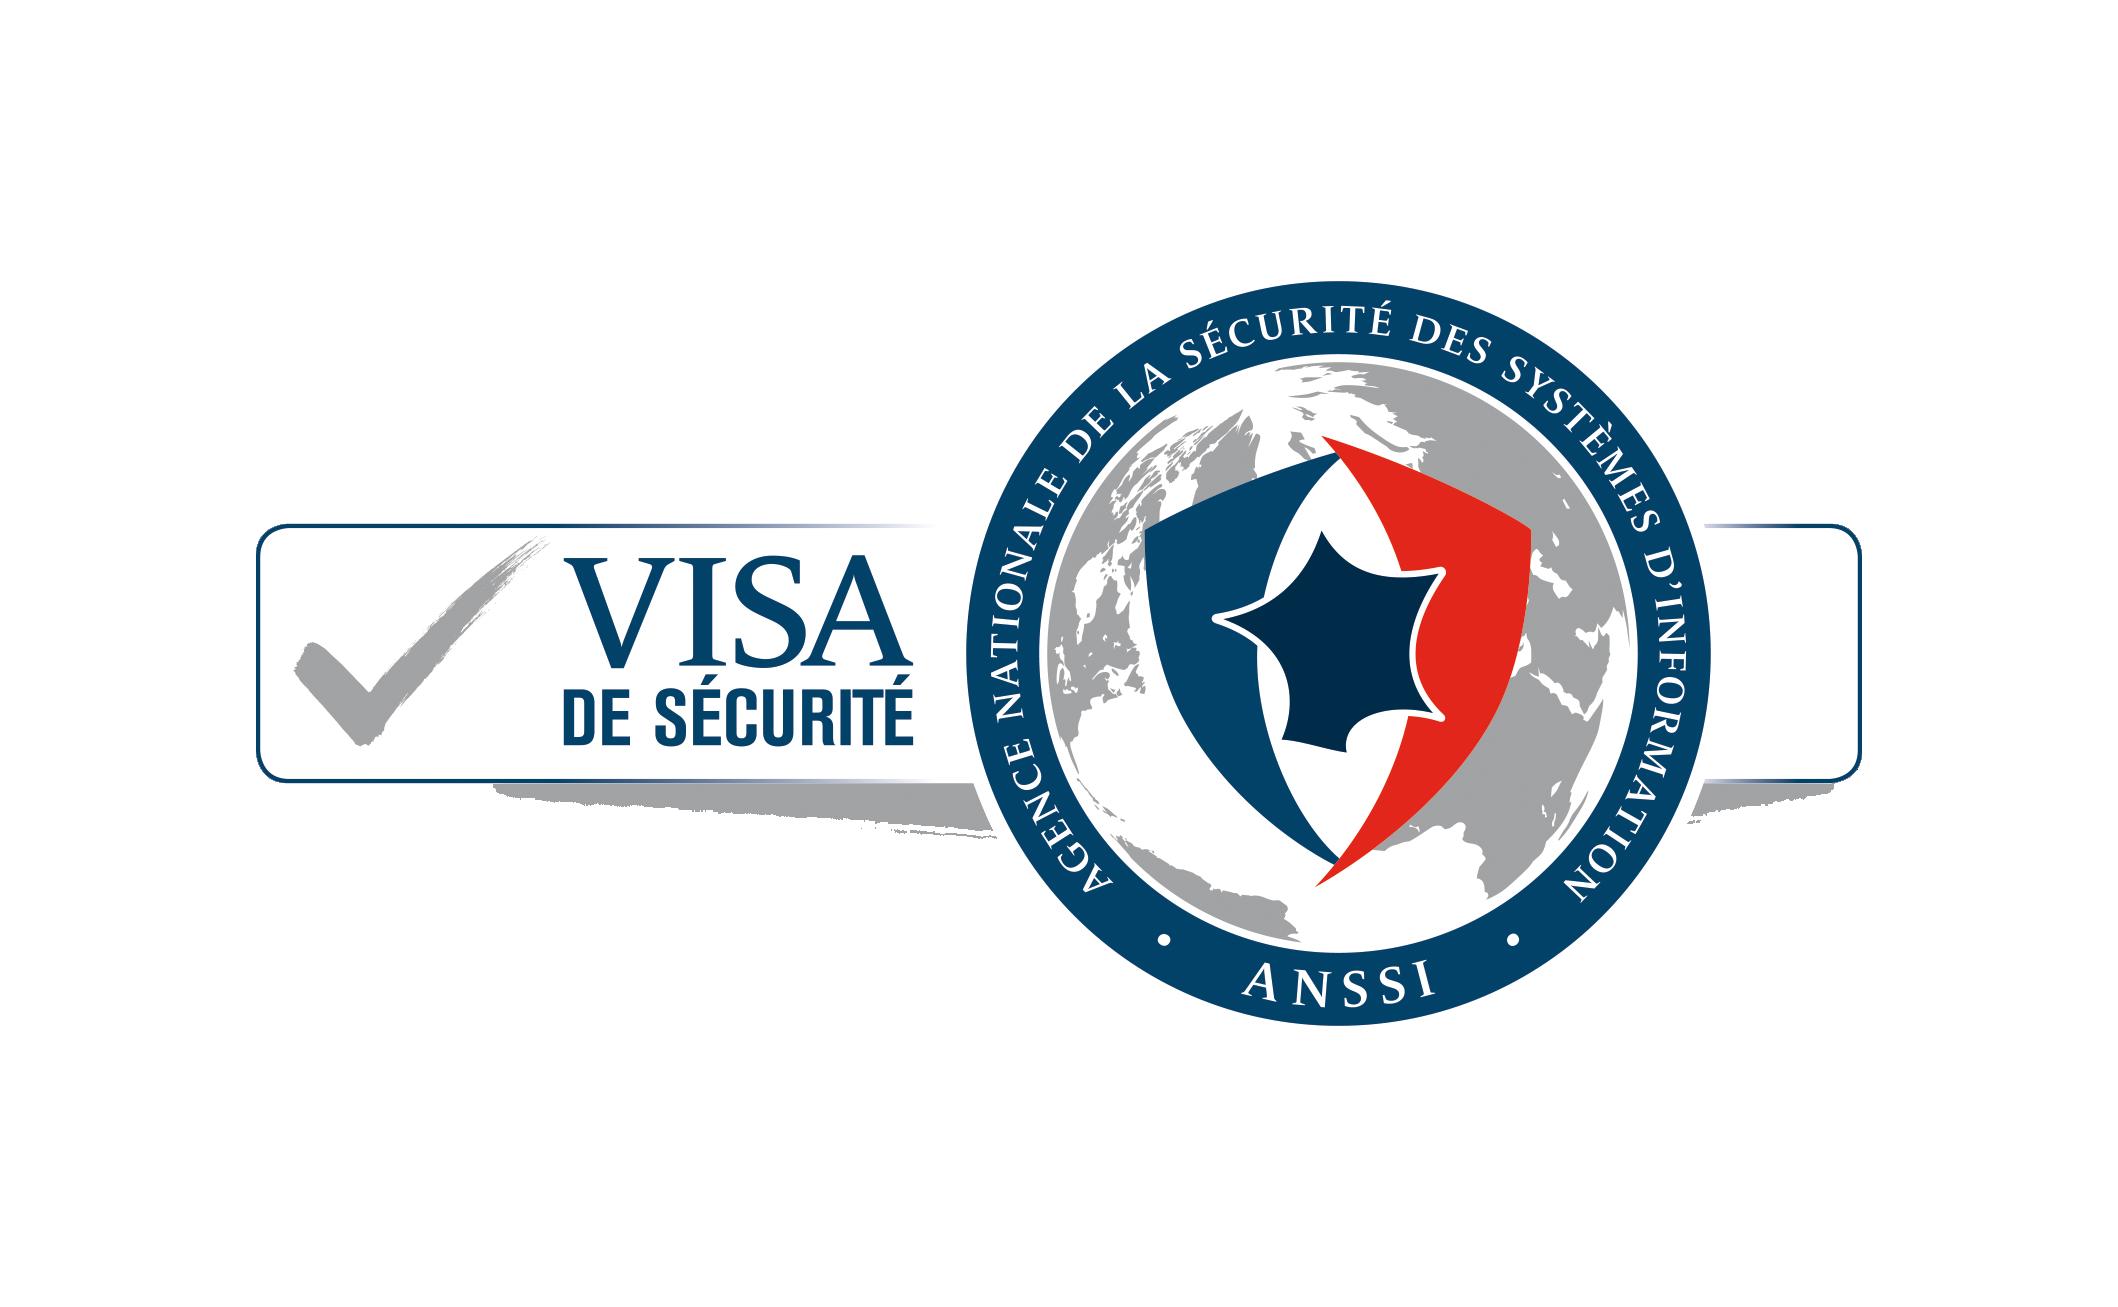 Visa de sécurité, certification ANSSI